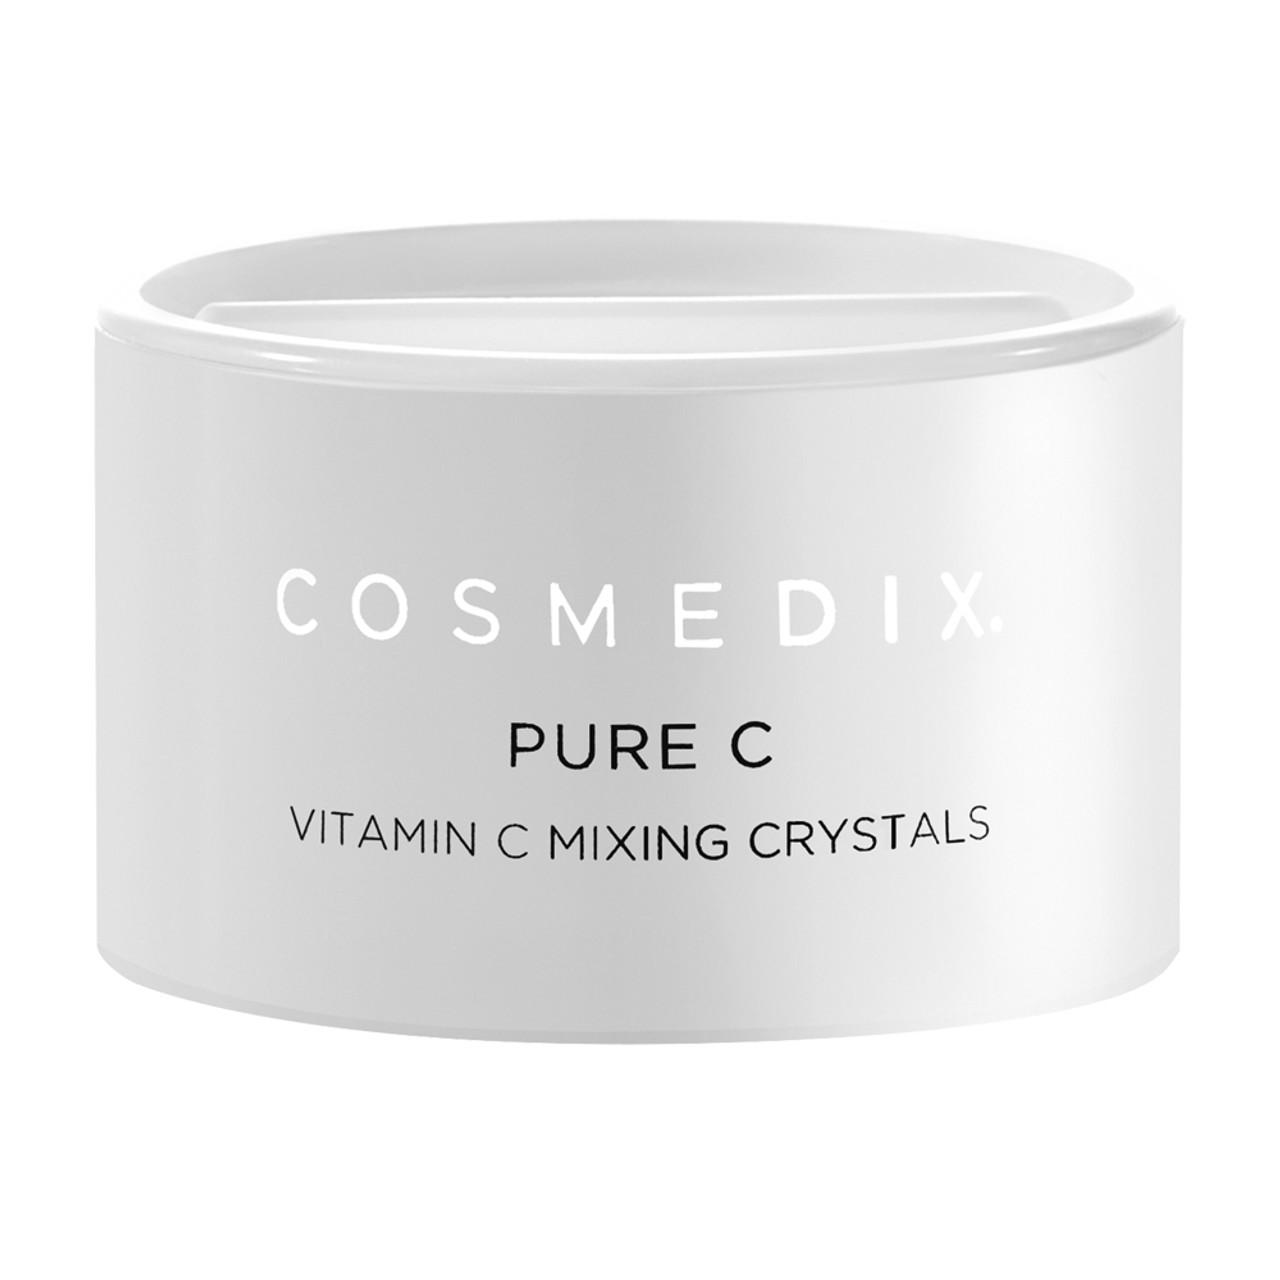 CosMedix Pure C BeautifiedYou.com